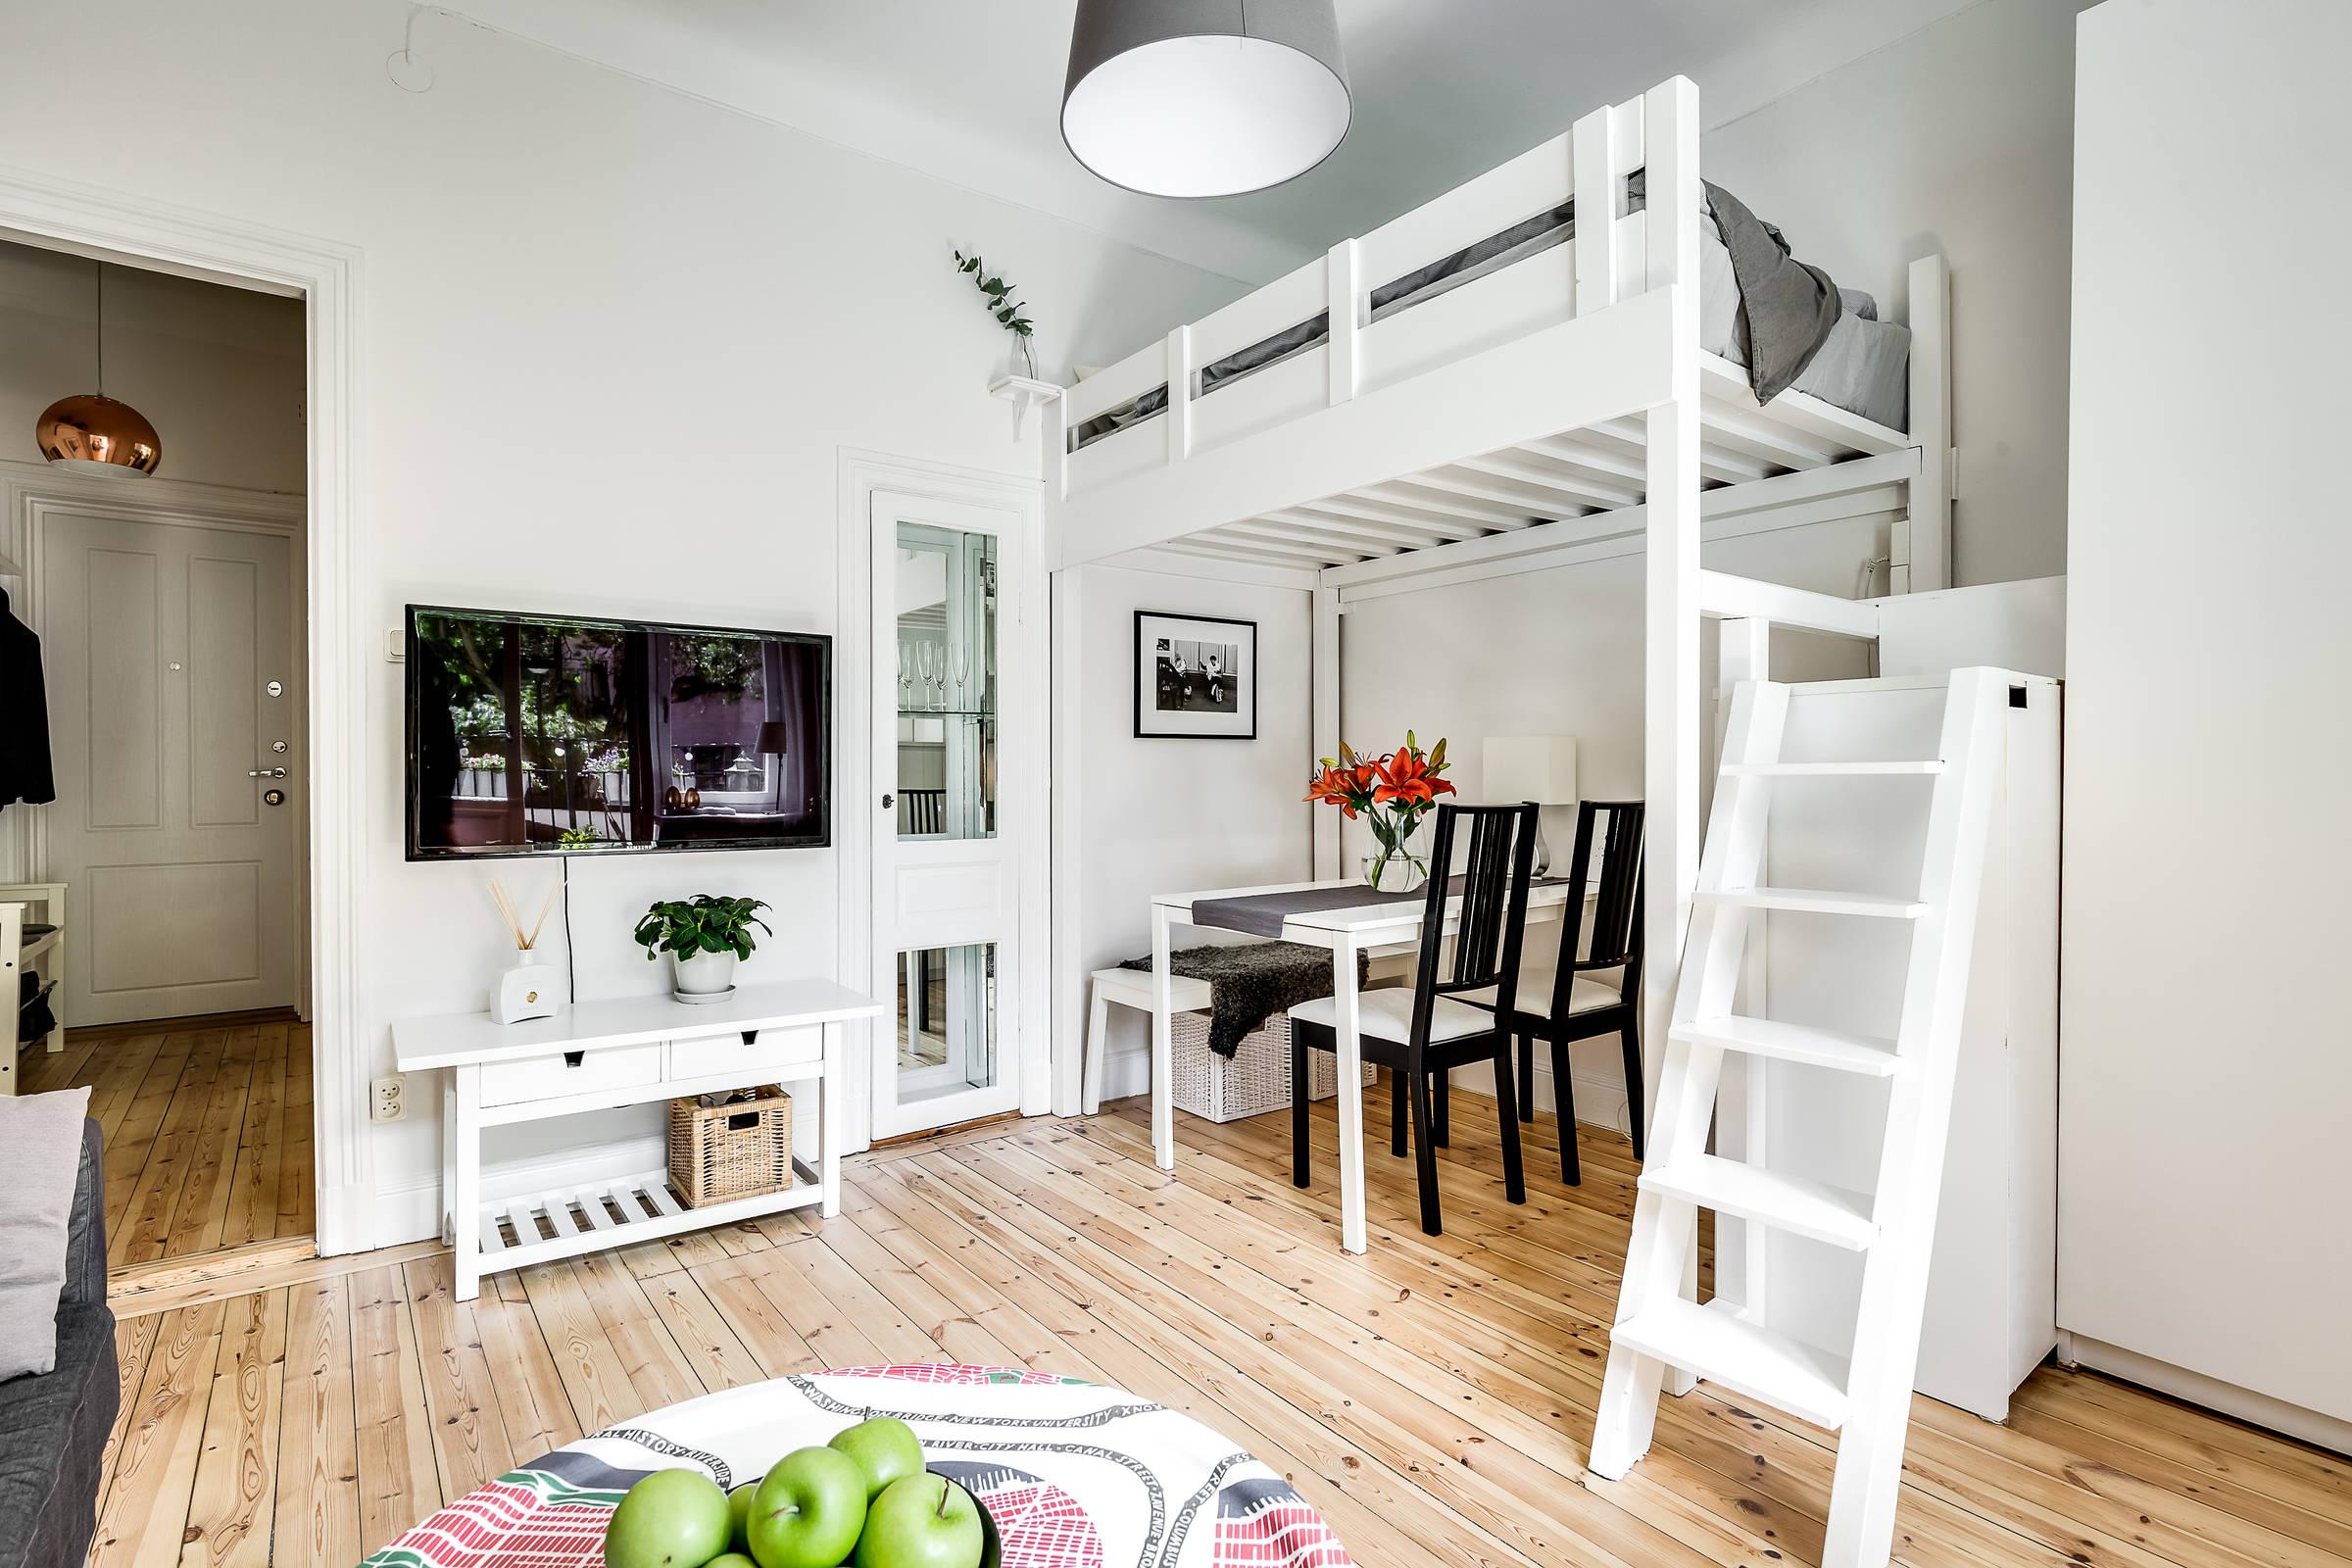 гостиная антресоли лестница кровать стол стулья телевизор